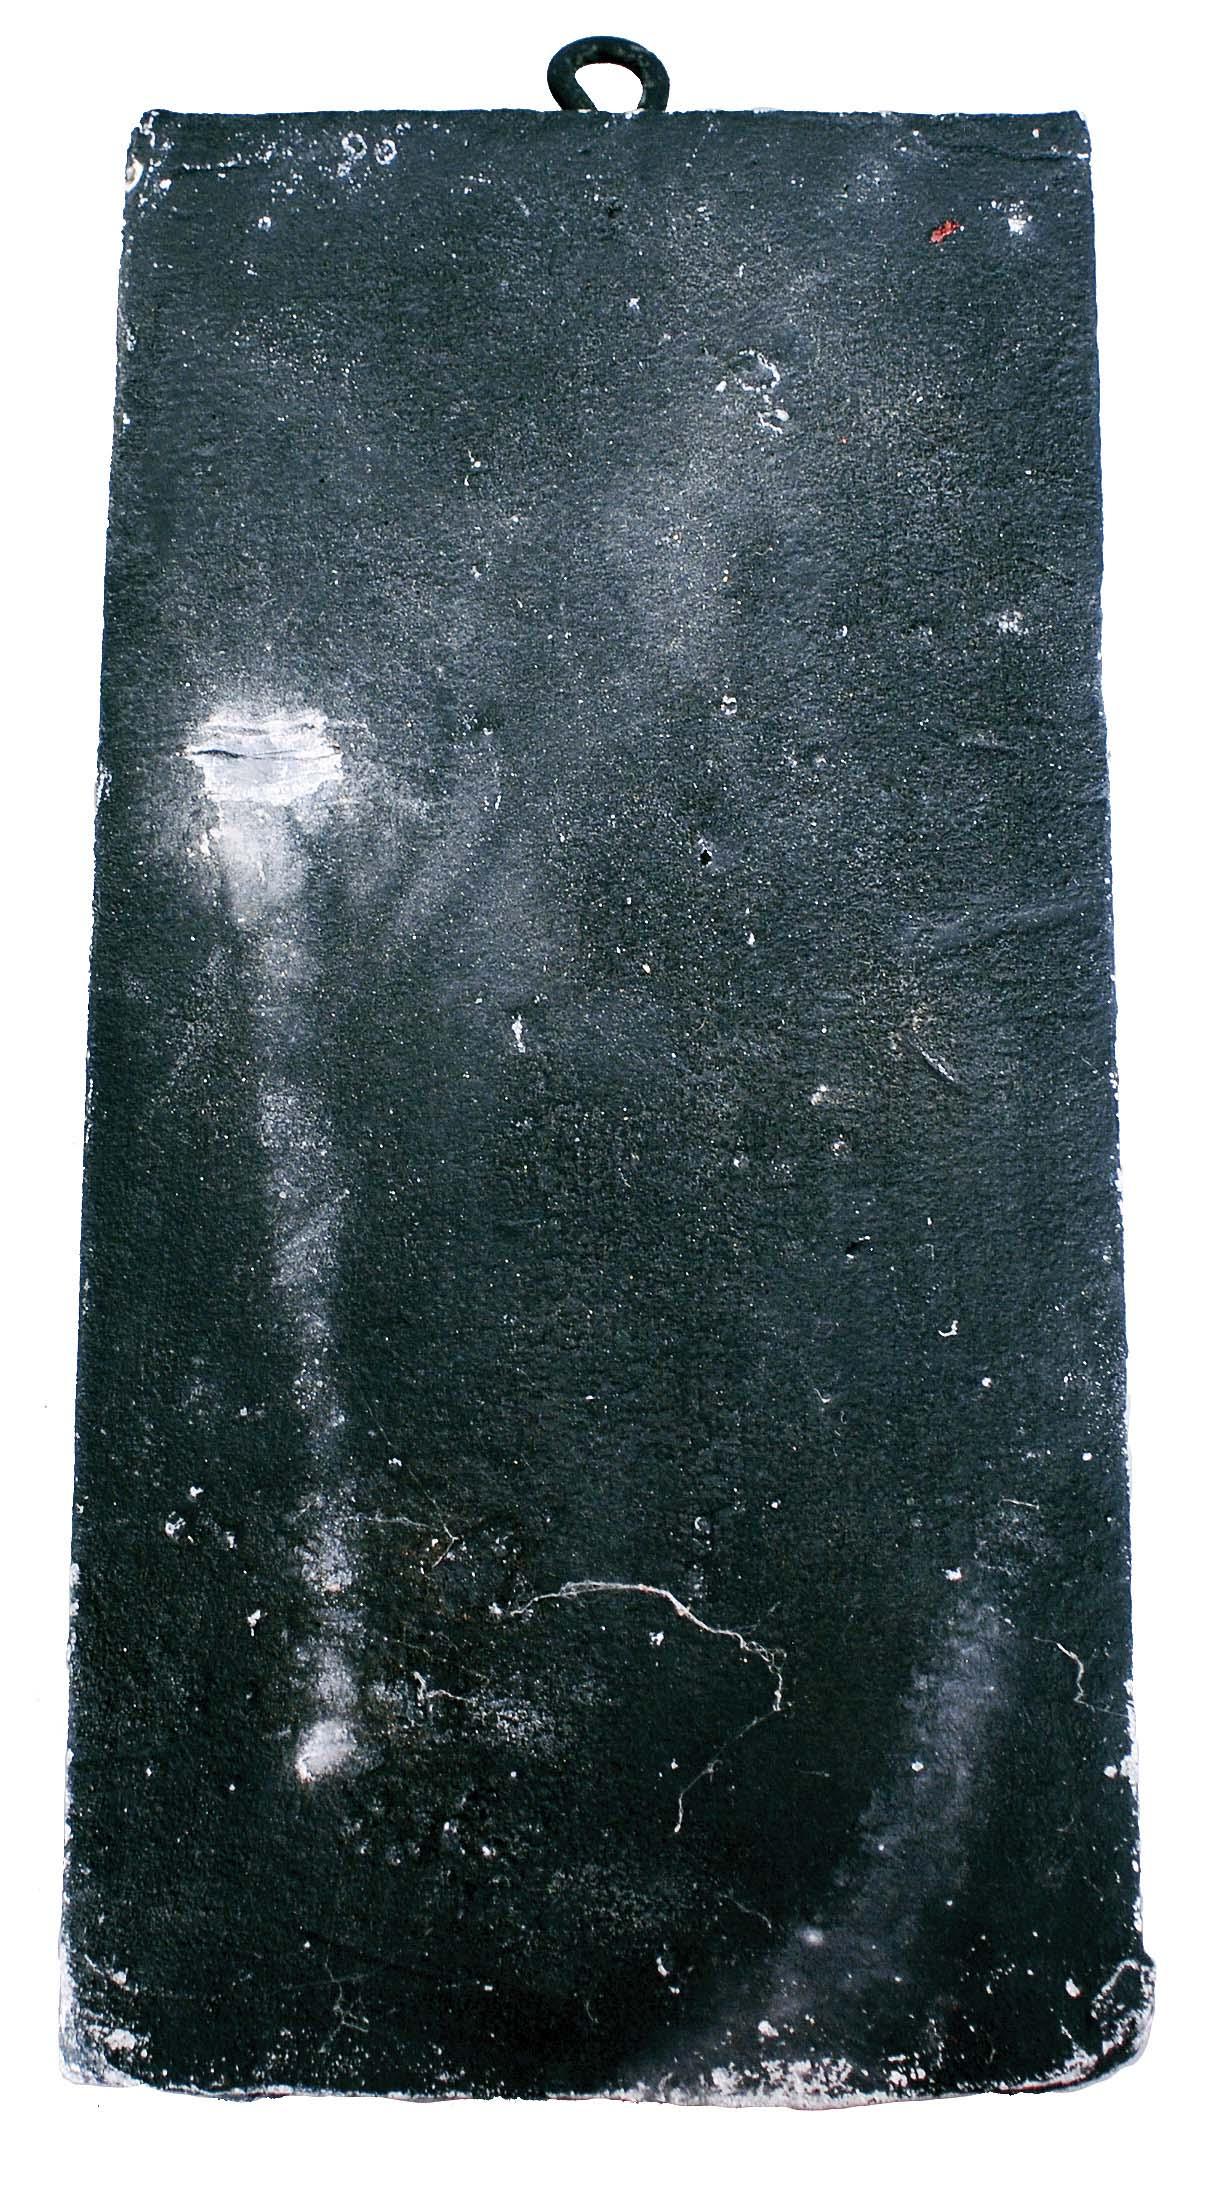 19078_06.jpg